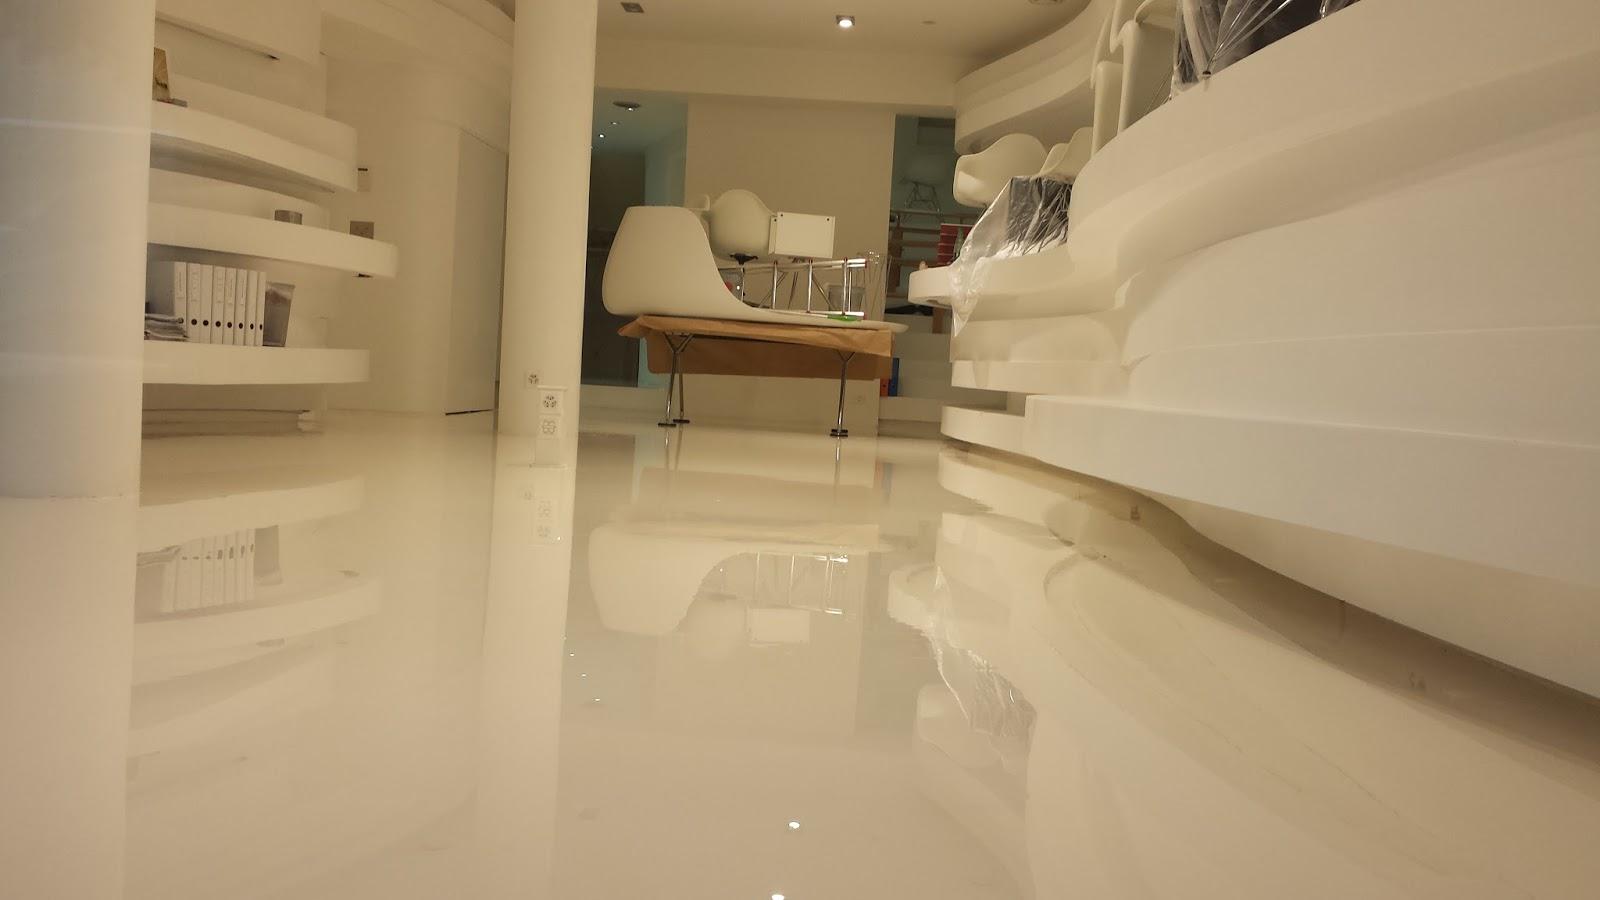 Pavimenti Sottili Jogja : Pavimenti in resina color sabbia: per interni